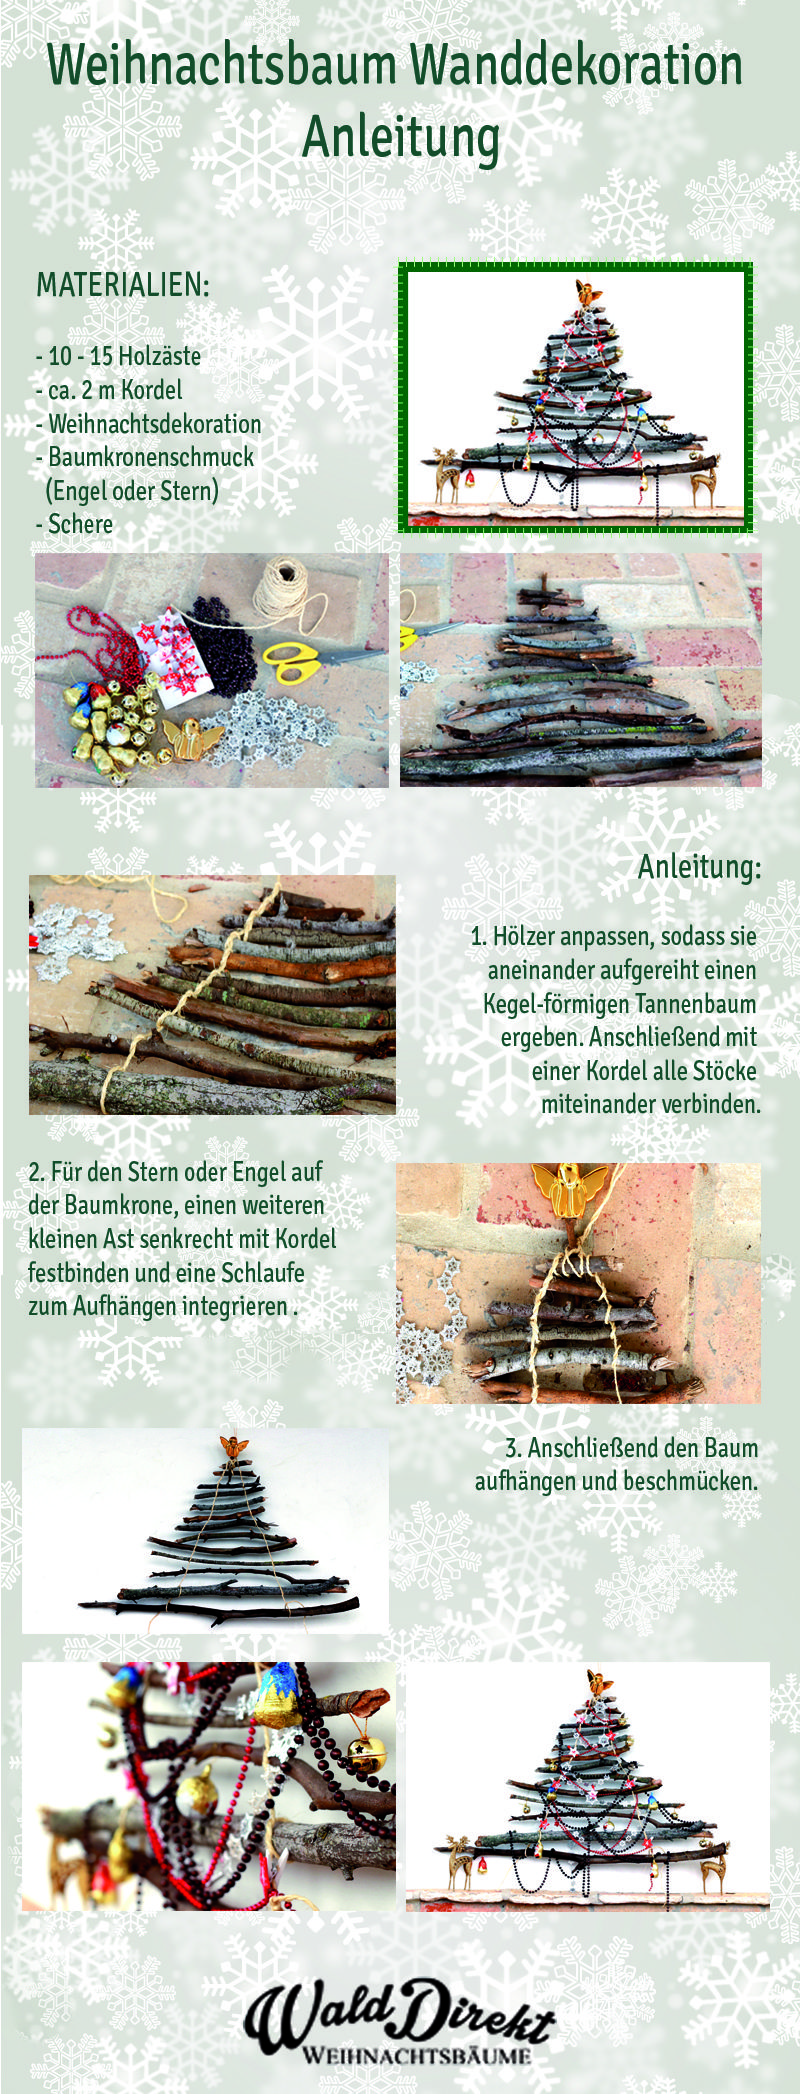 Anleitung Weihnachtsbaum Dekoration @walddirekt #walddirekt #weihnachtsbäume #weihnachtsdekoration #tannenbaum